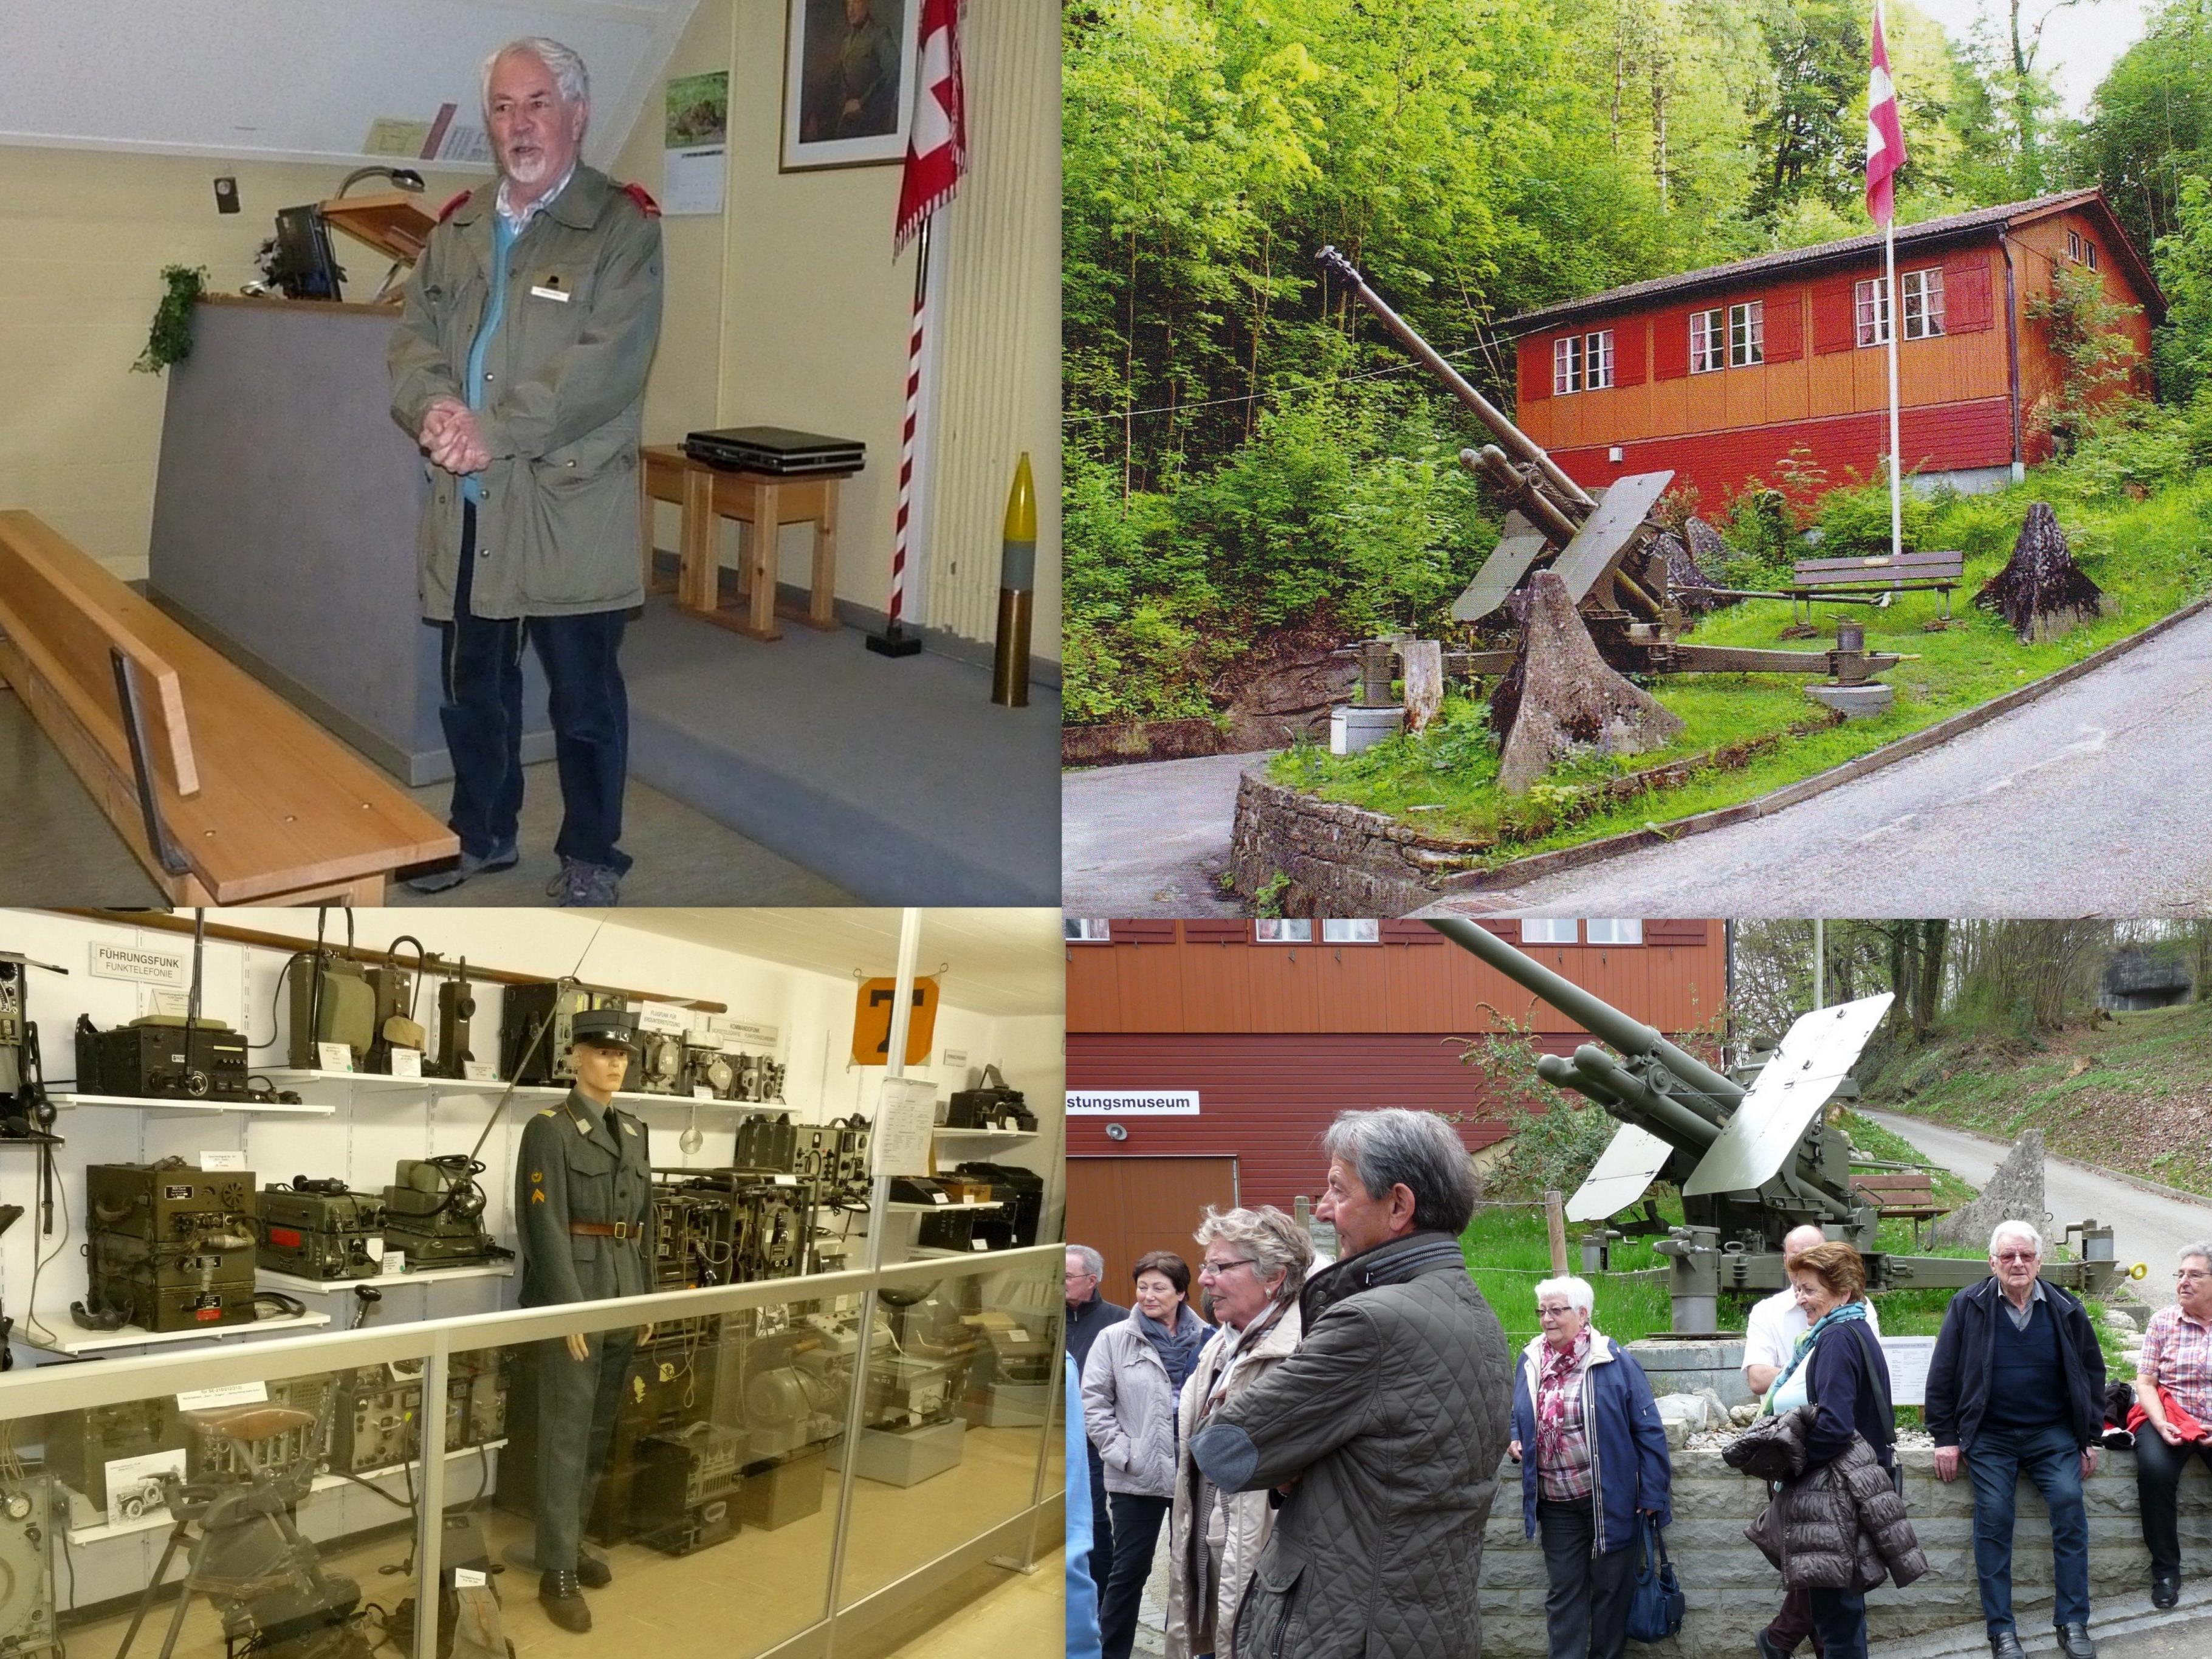 Das Festungsmuseum Heldsberg war sehr interessant